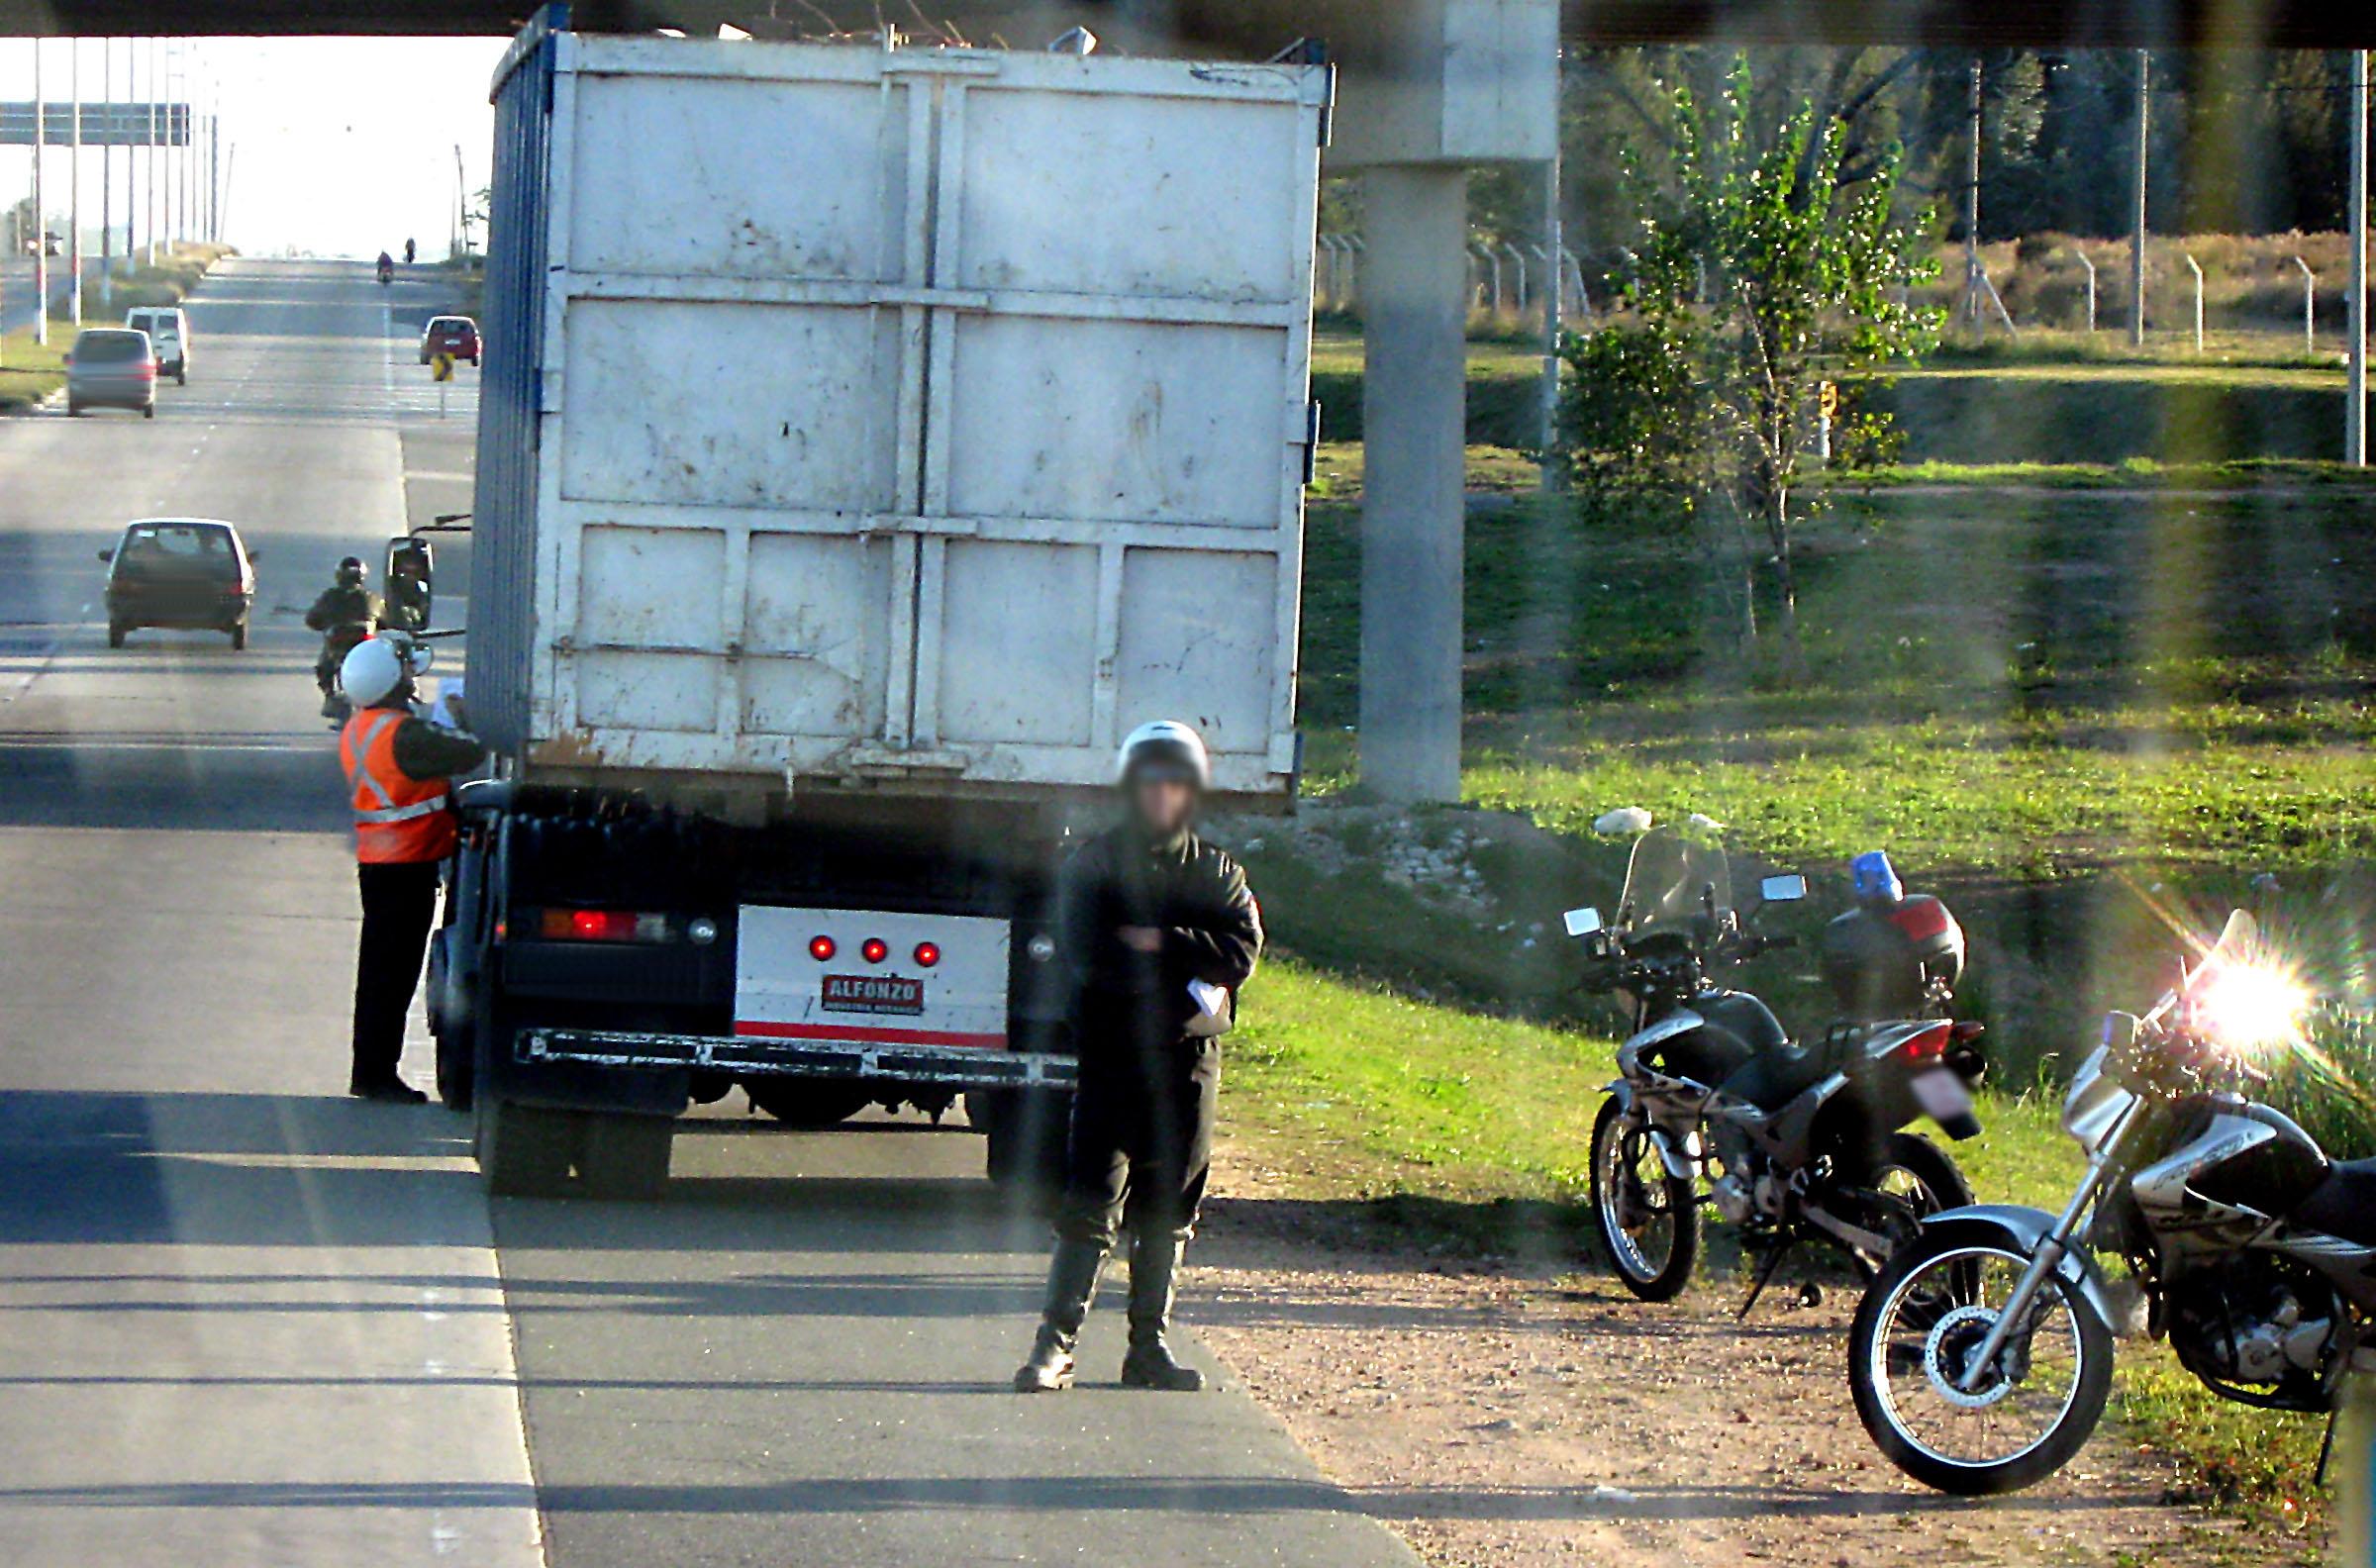 Police%20stopping%20truck.jpg